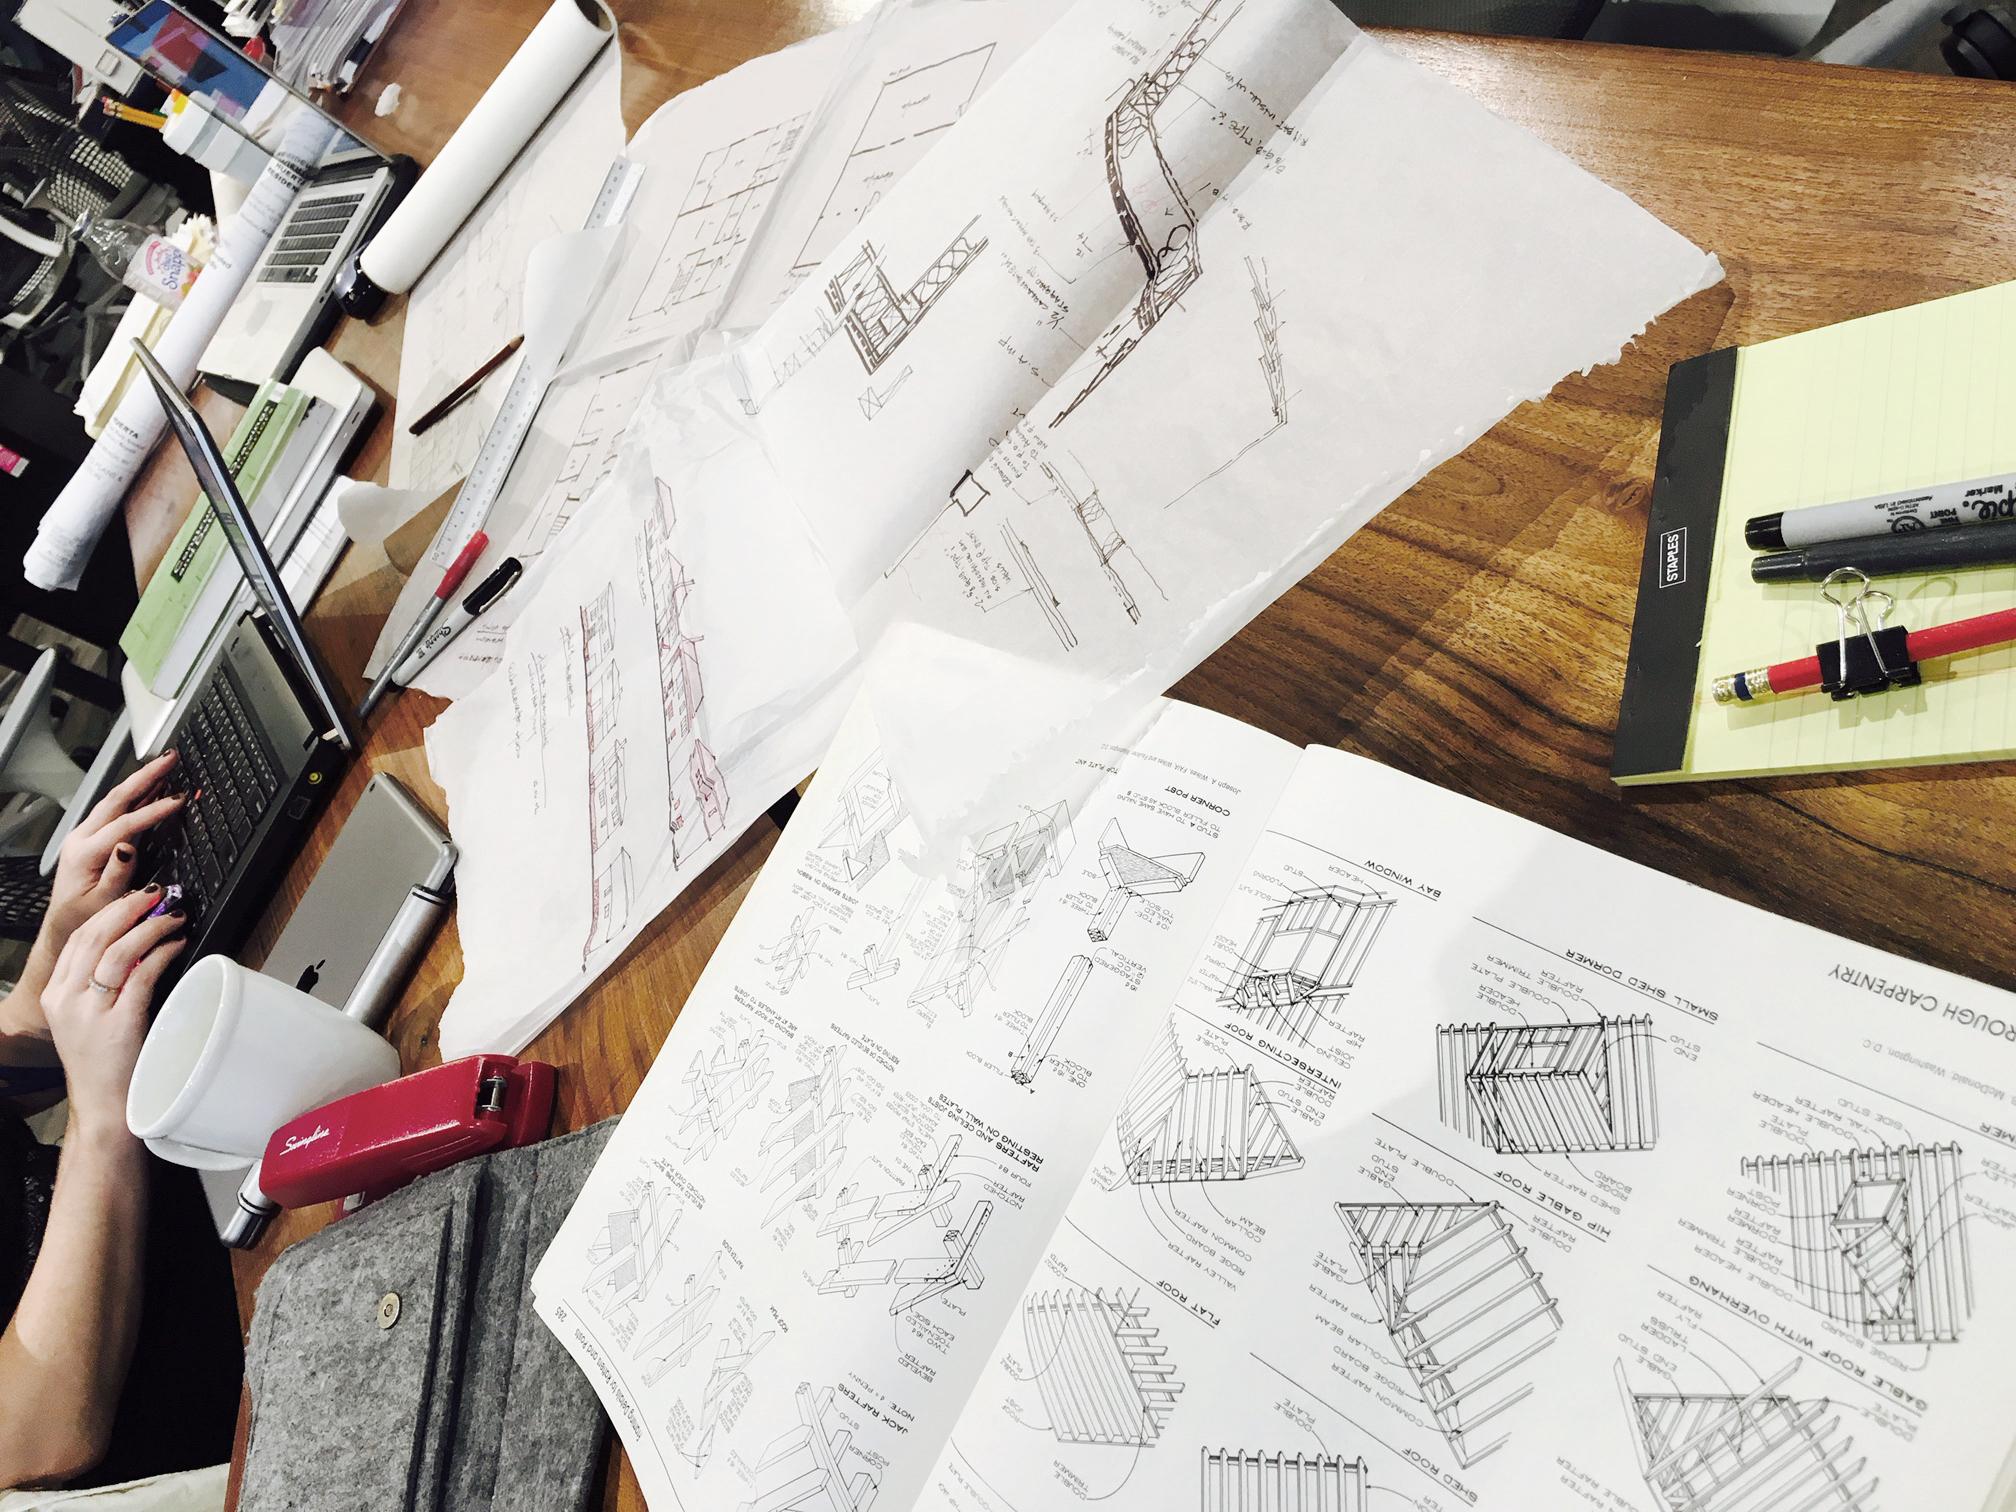 tabletop sketching.jpg